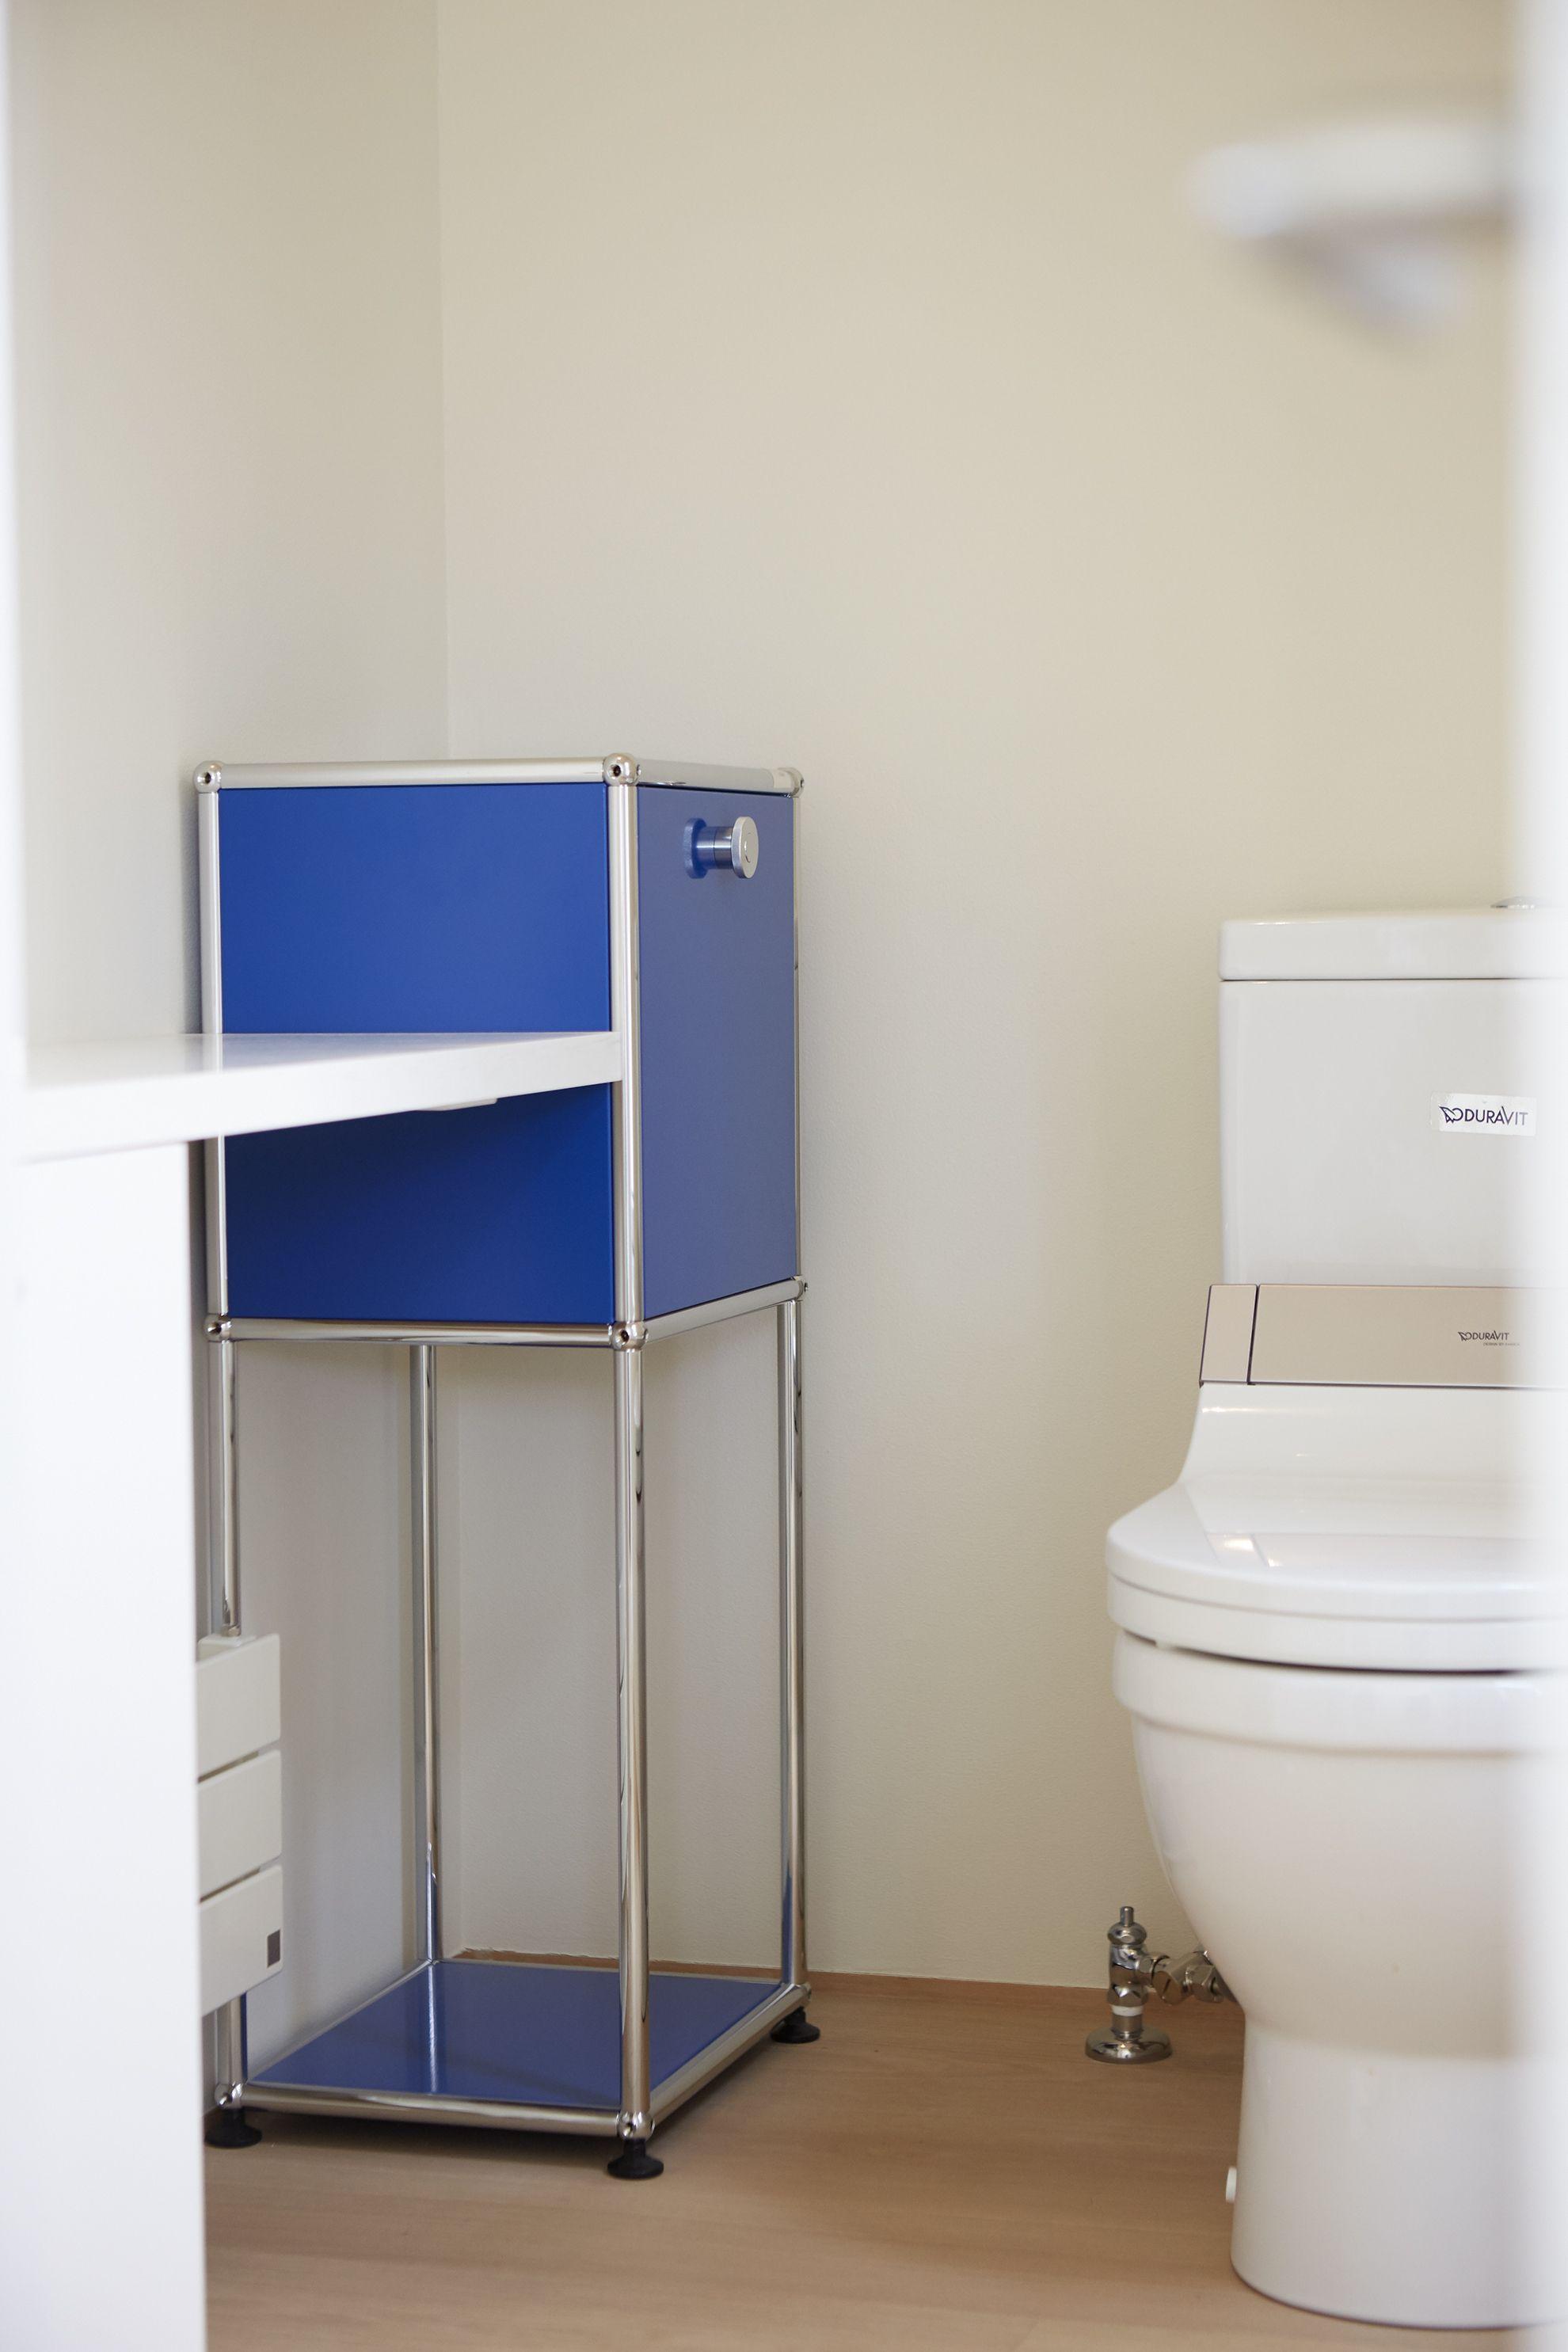 petite colonne de rangement id ale pour les petits espaces usm haller coloris bleu. Black Bedroom Furniture Sets. Home Design Ideas